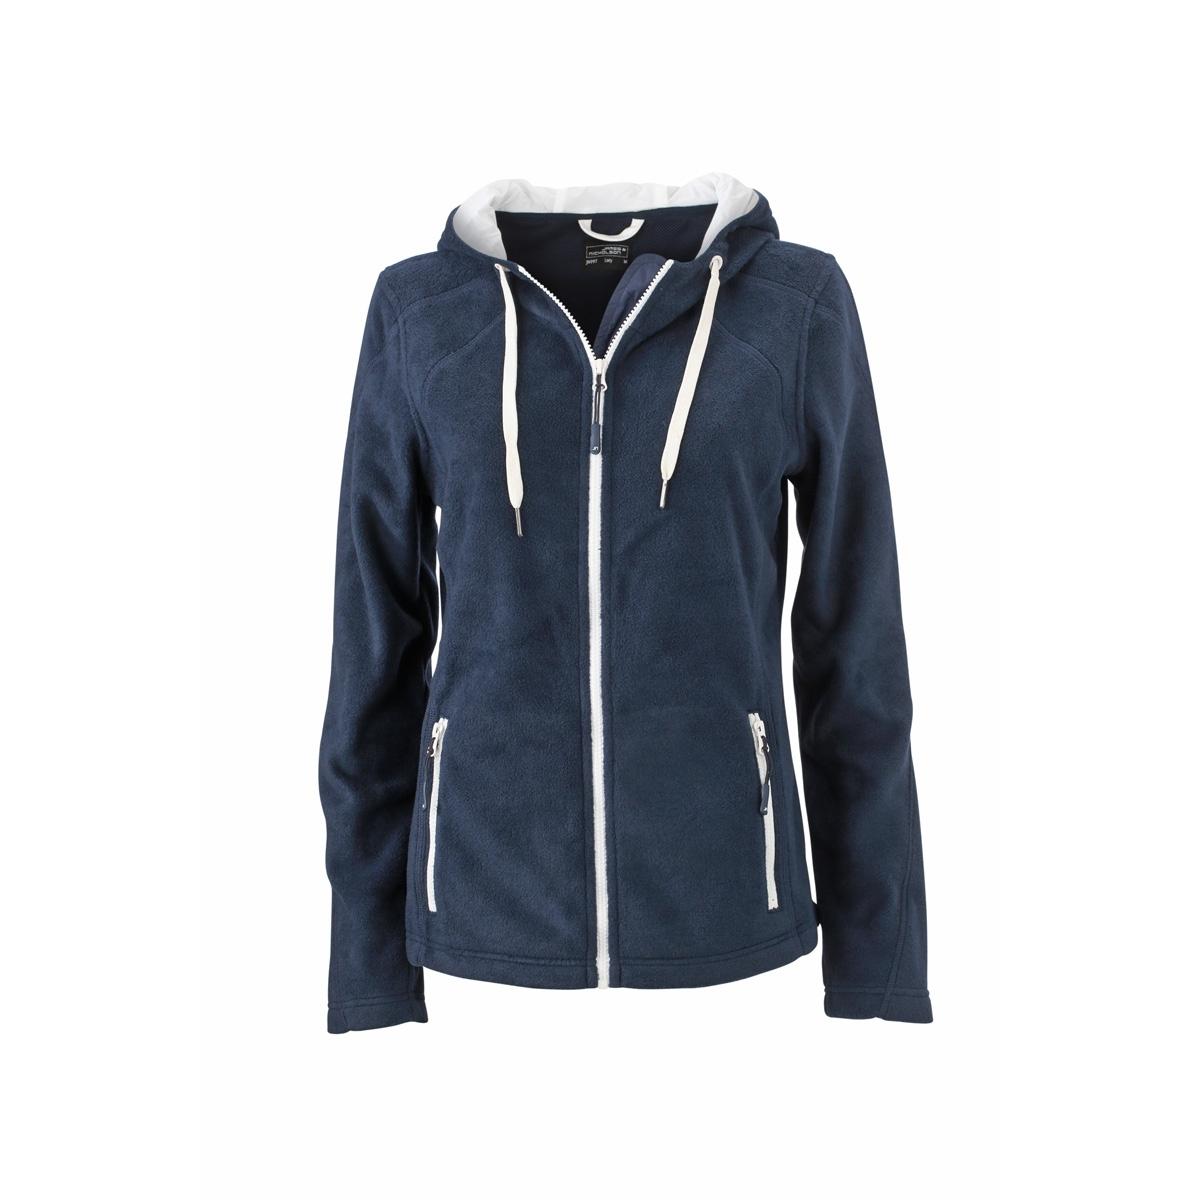 79b95c9b0e James et Nicholson Veste polaire zippée capuche contrastée FEMME JN997 -  bleu marine